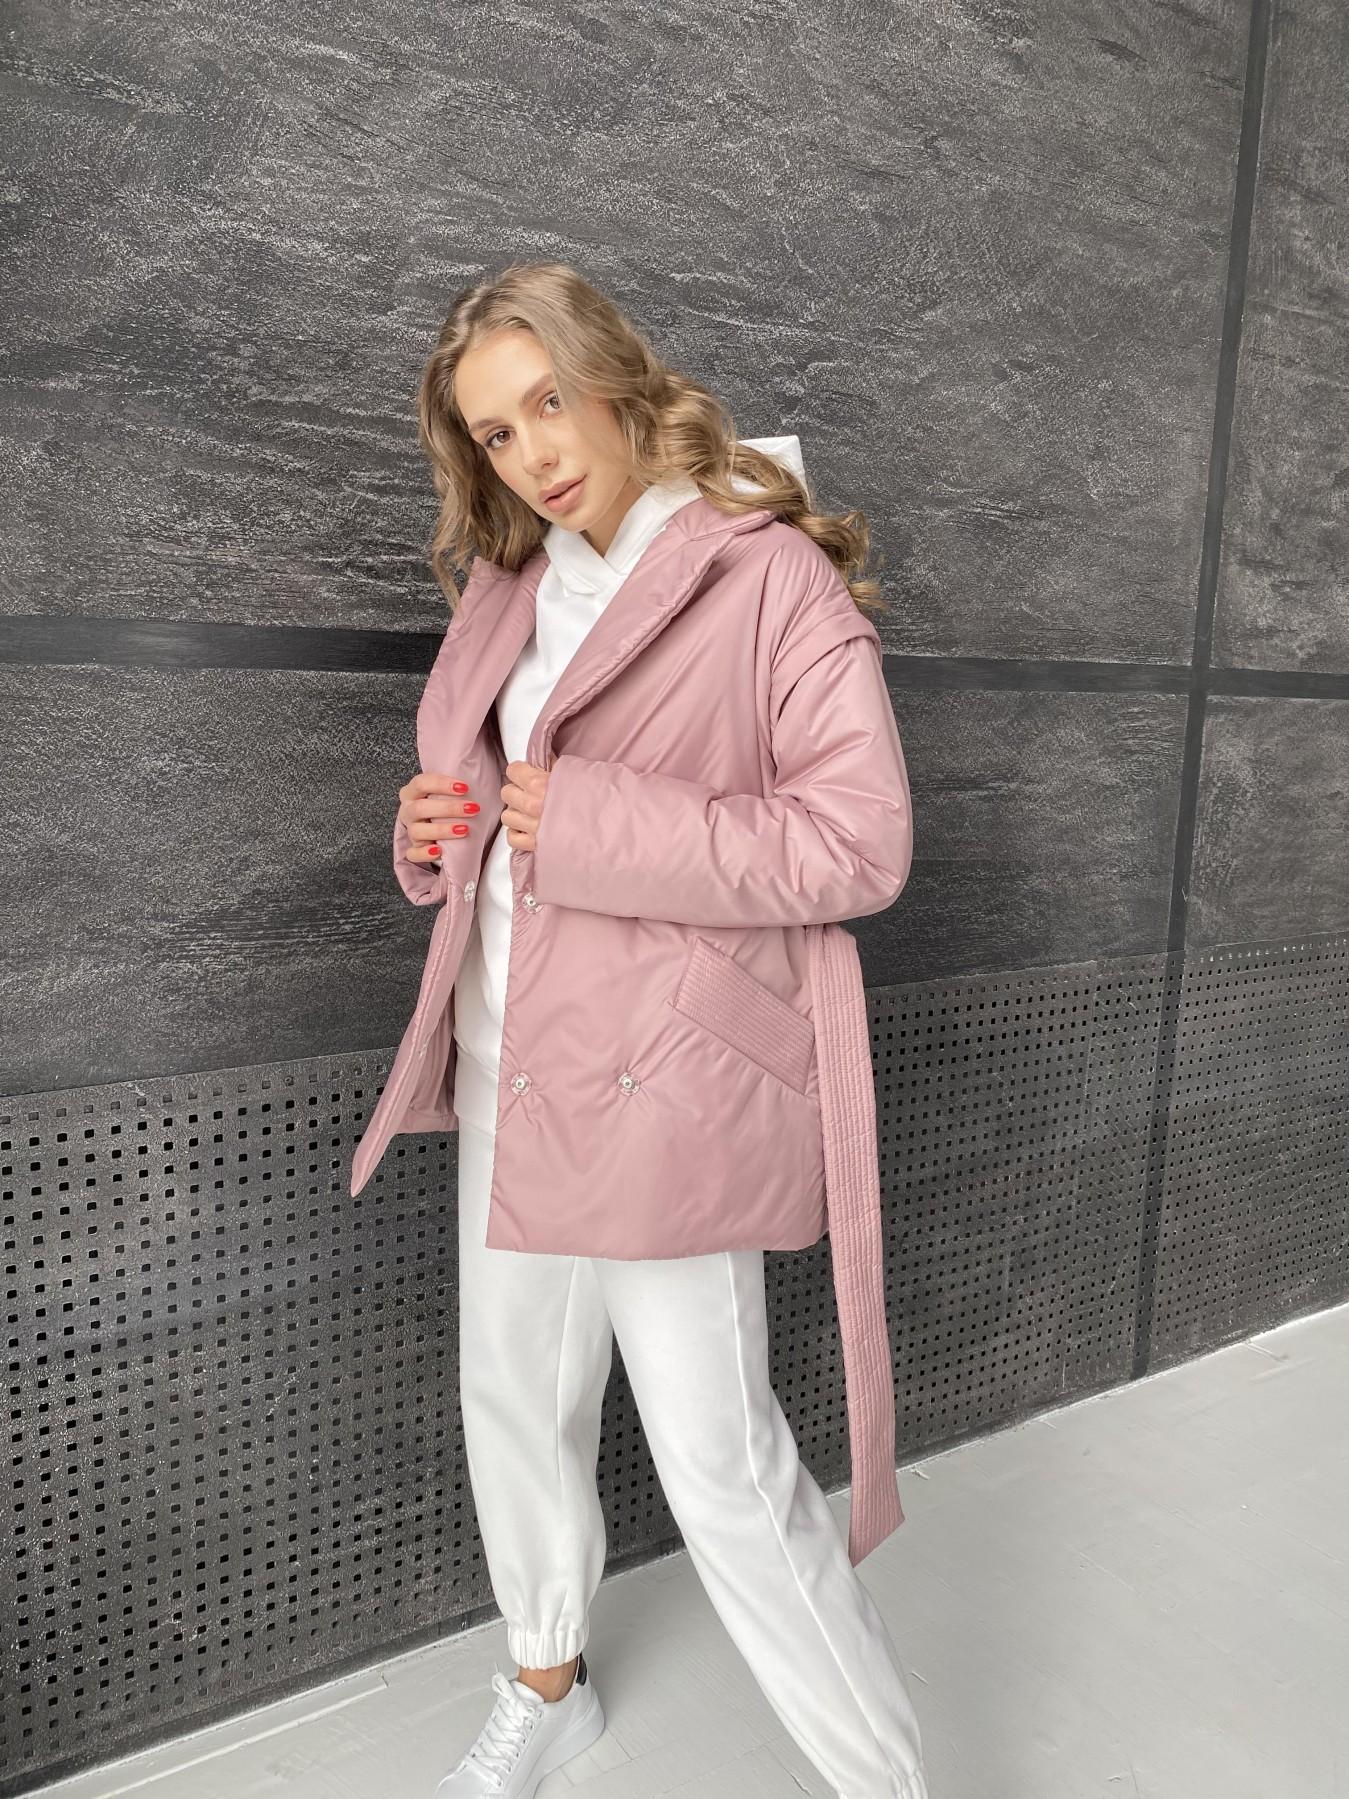 Форбс куртка из плащевой ткани 10986 АРТ. 47477 Цвет: Пудра - фото 6, интернет магазин tm-modus.ru